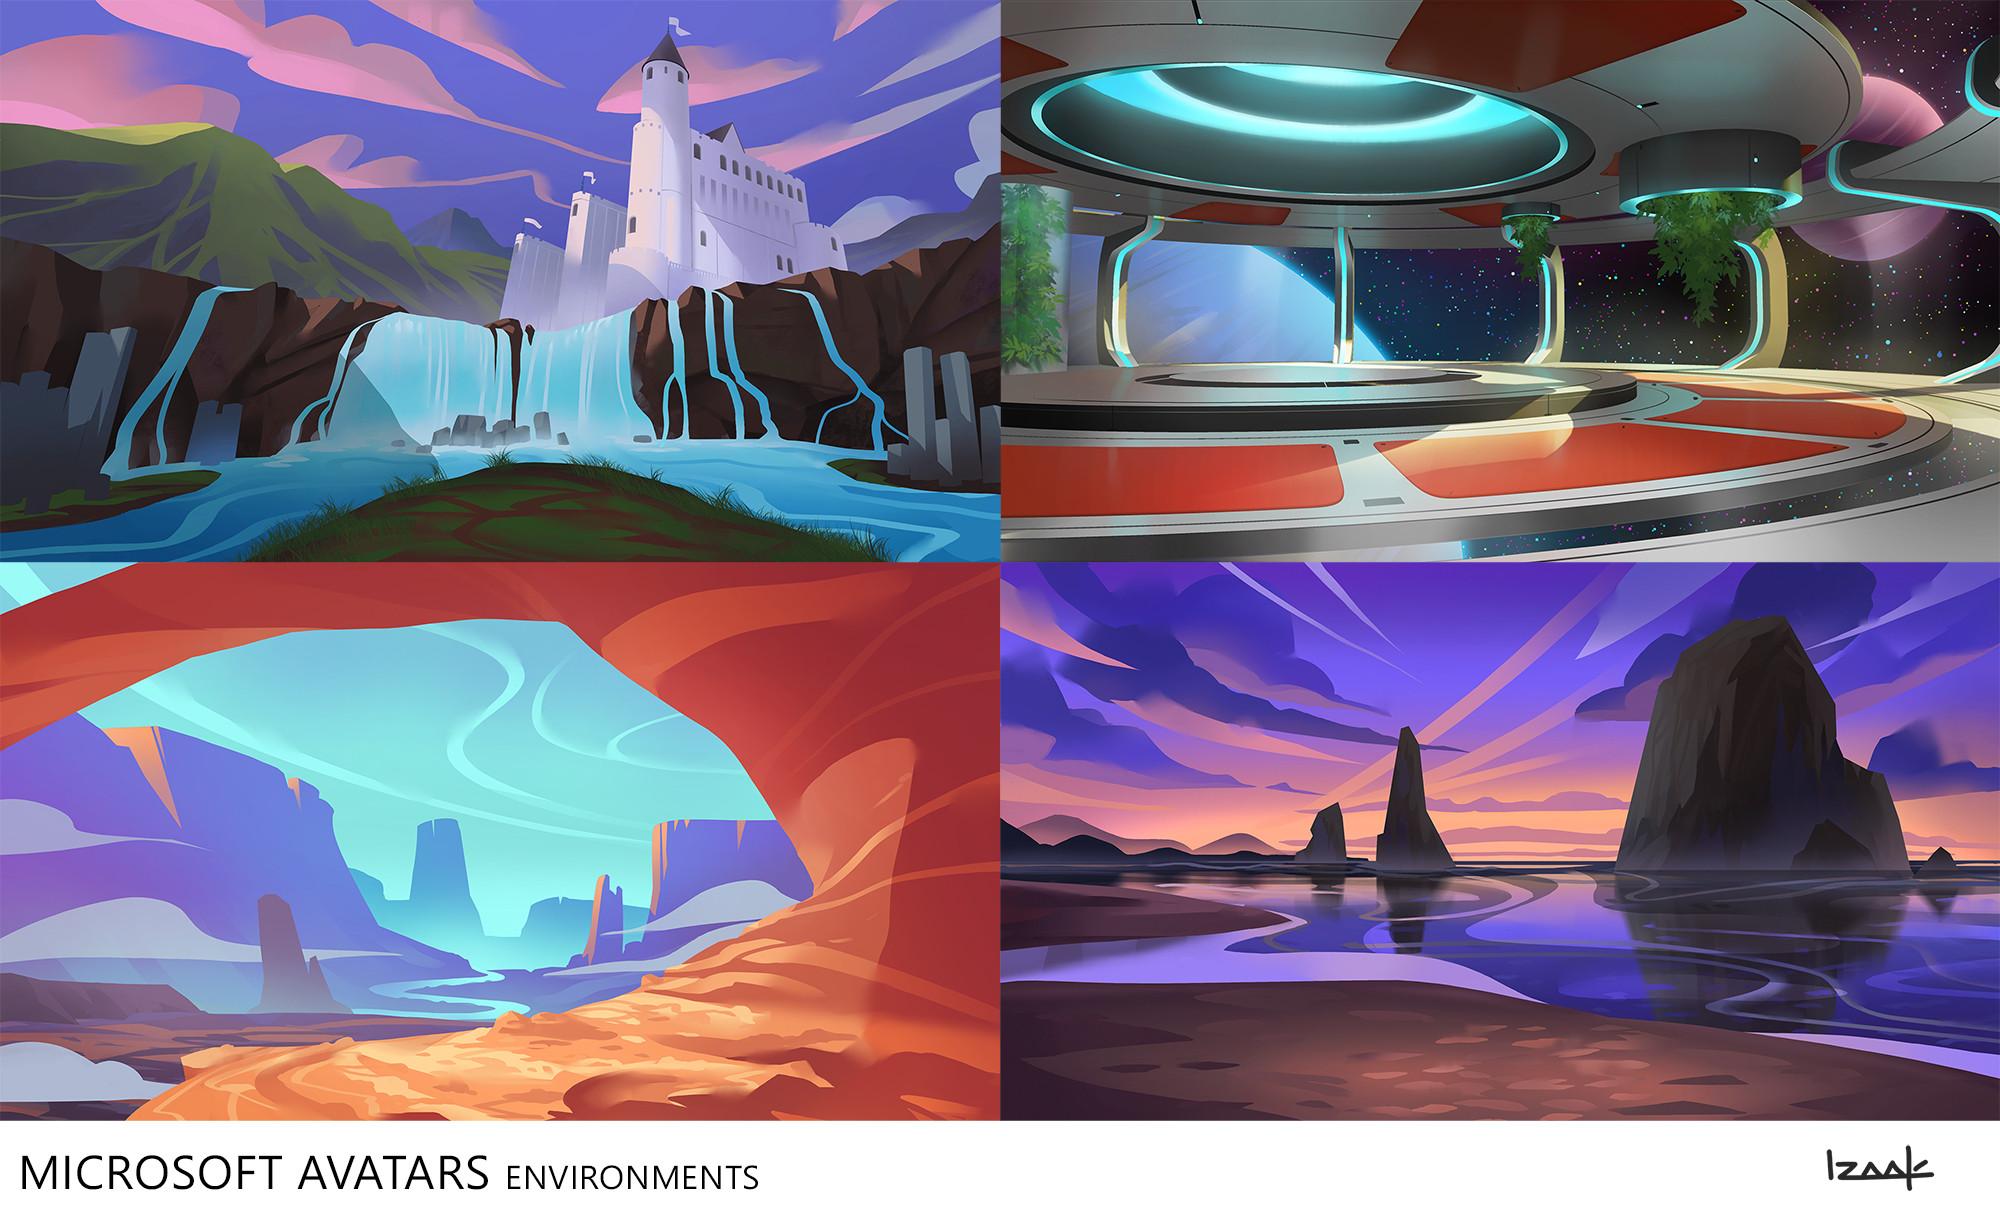 Xbox Avatars backgrounds.